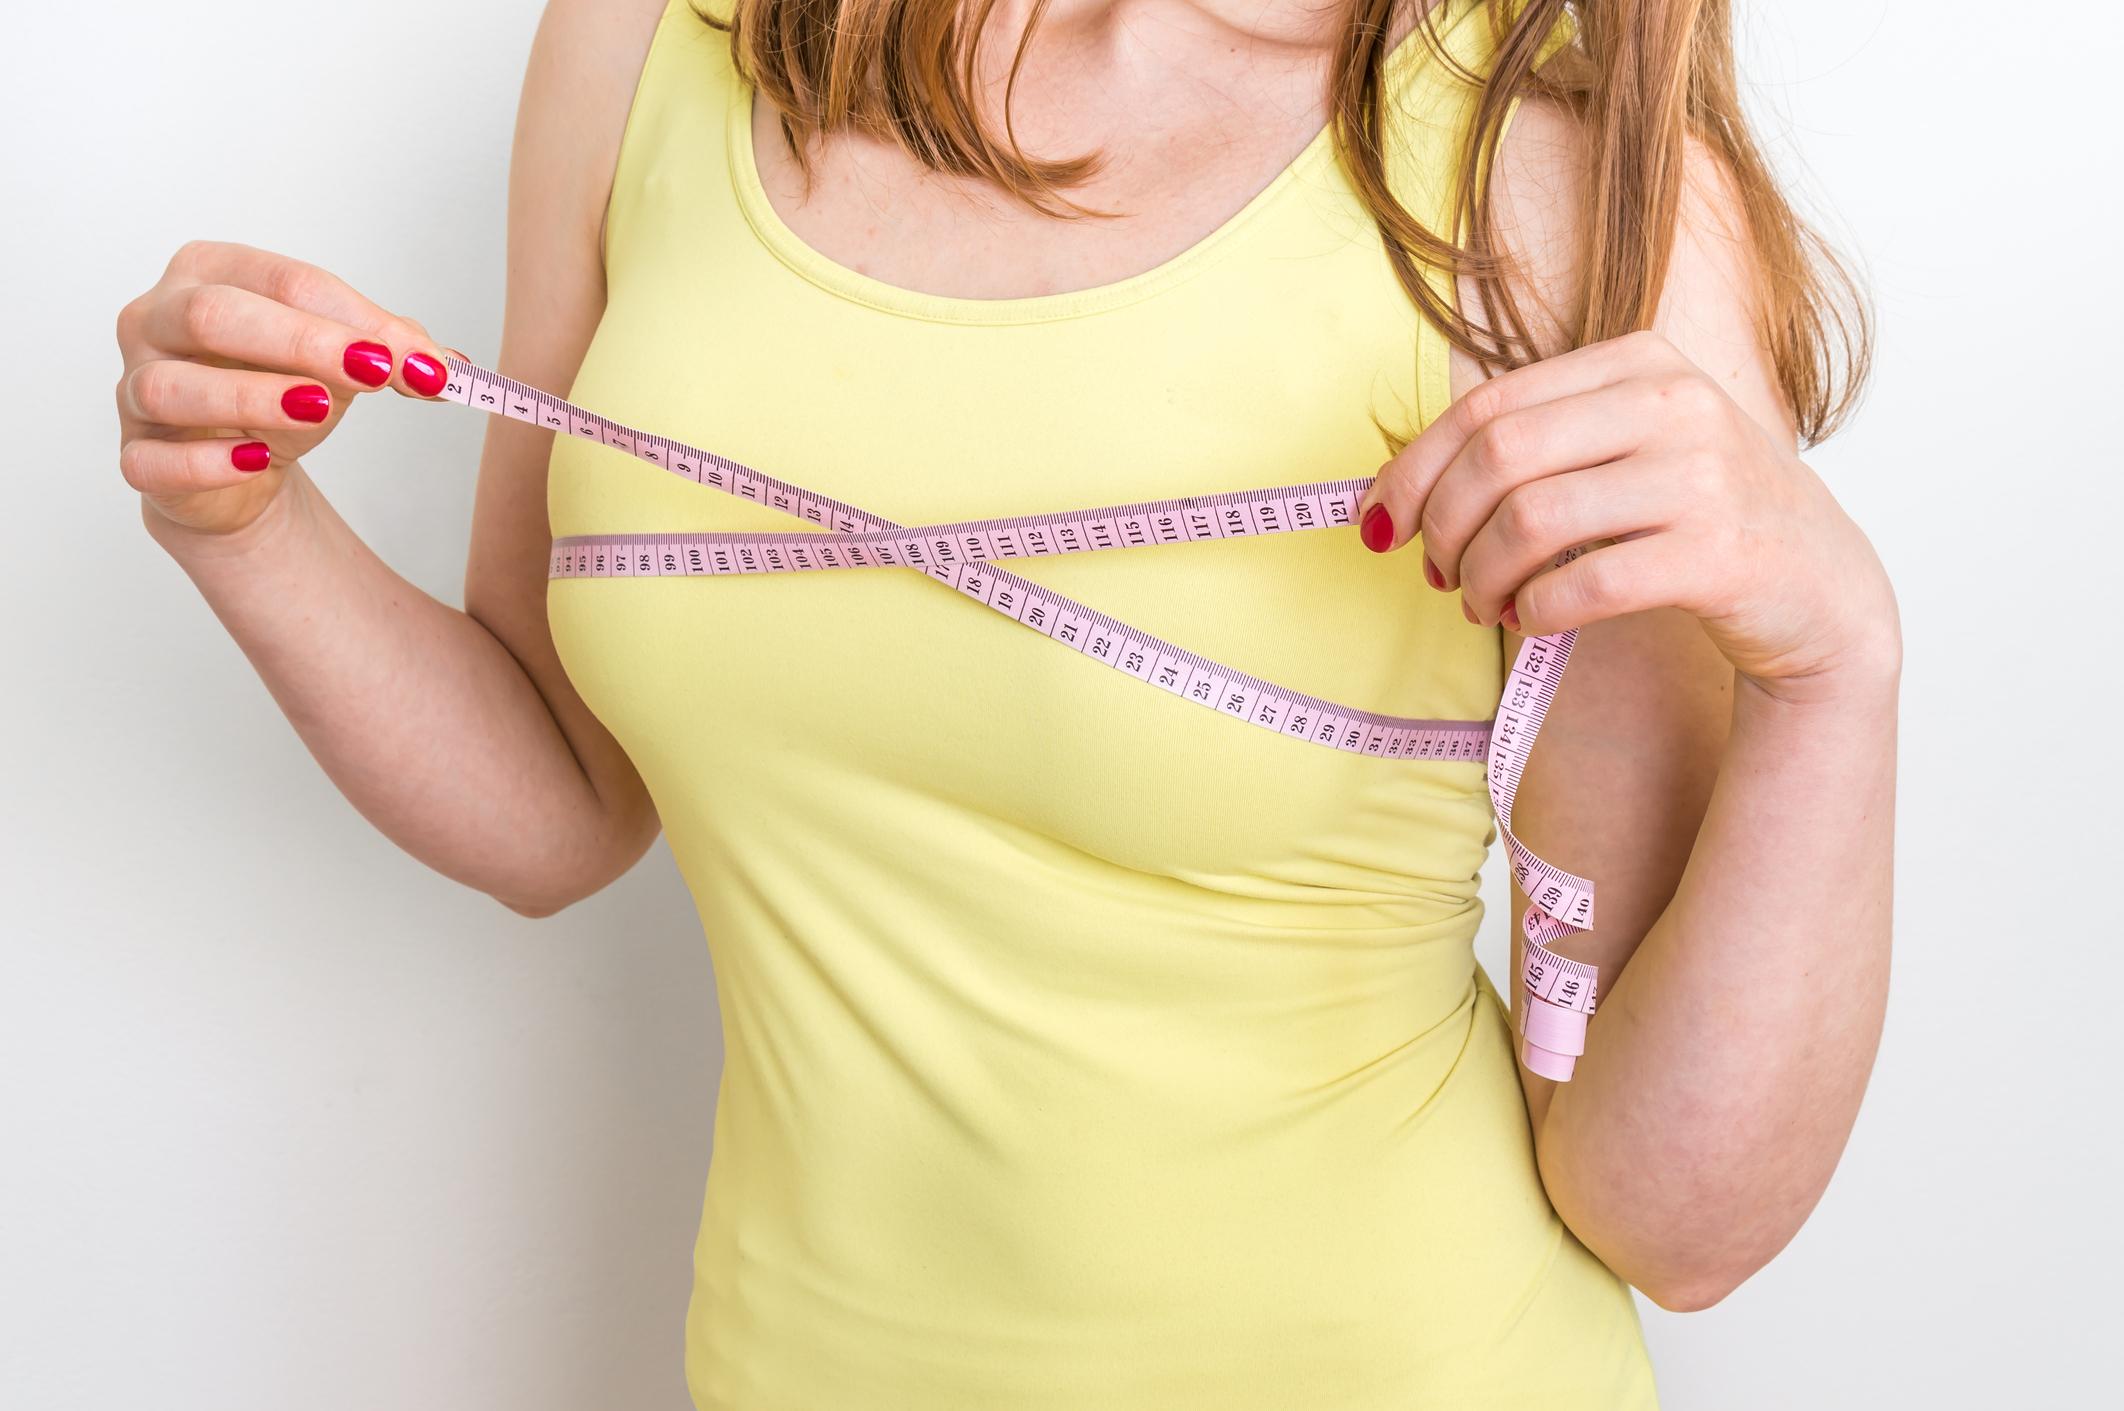 Як накачати жіночі груди в домашніх умовах